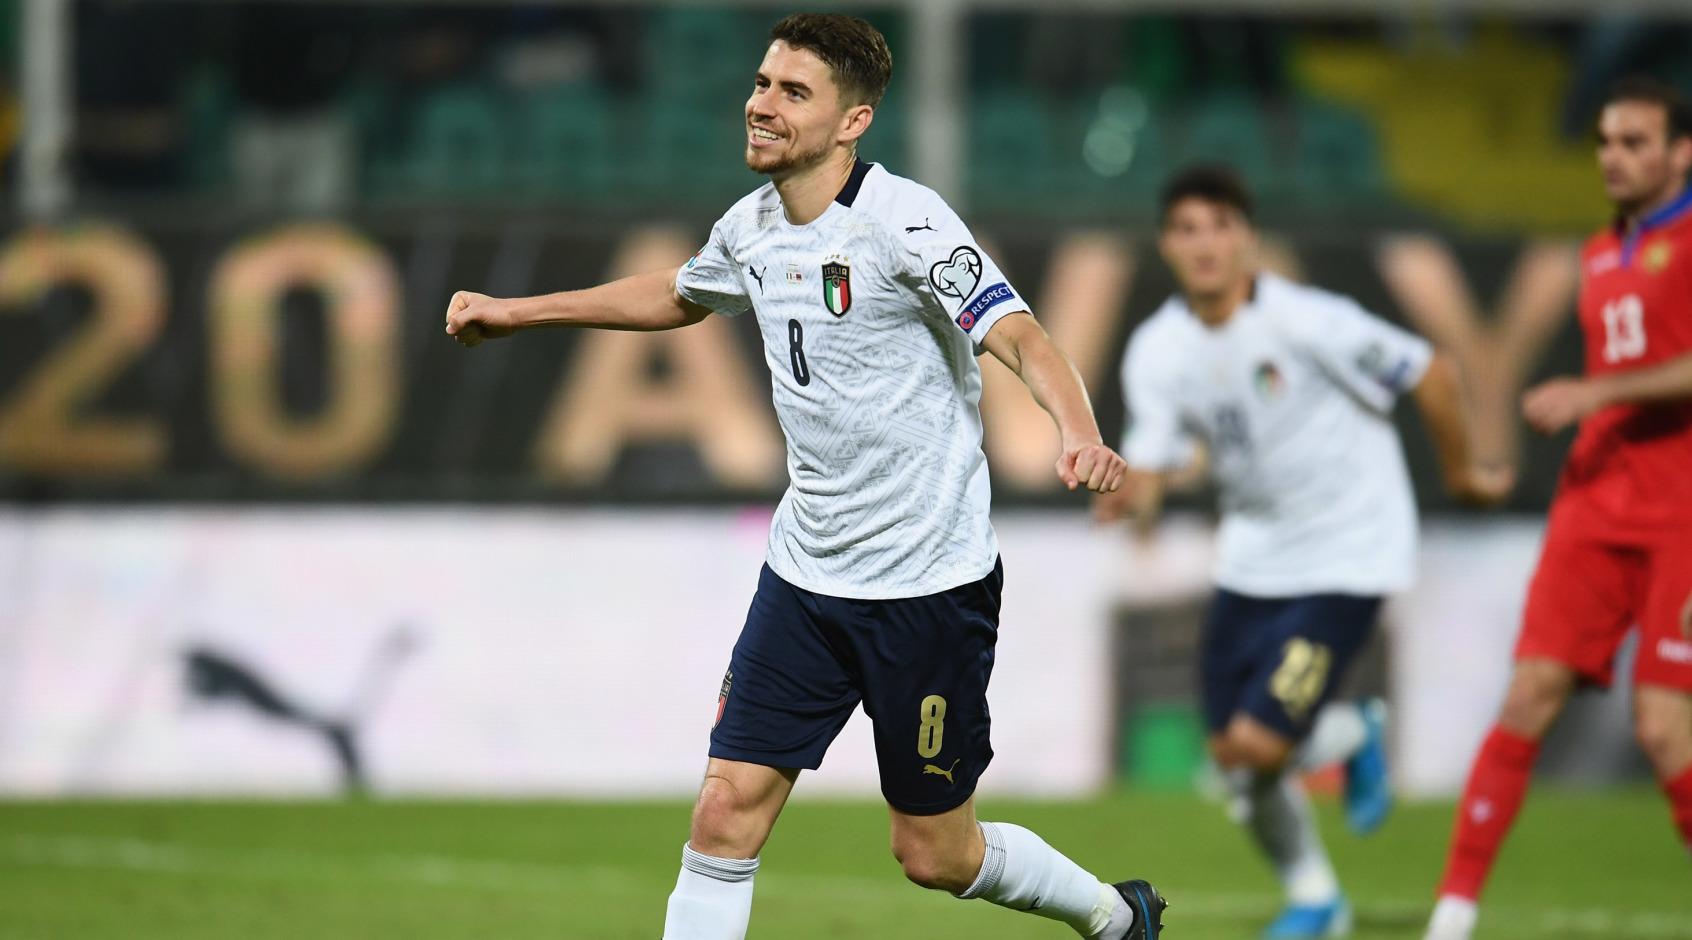 """Жоржиньо: """"Возможно, в этой сборной Италии есть частичка Бразилии"""""""